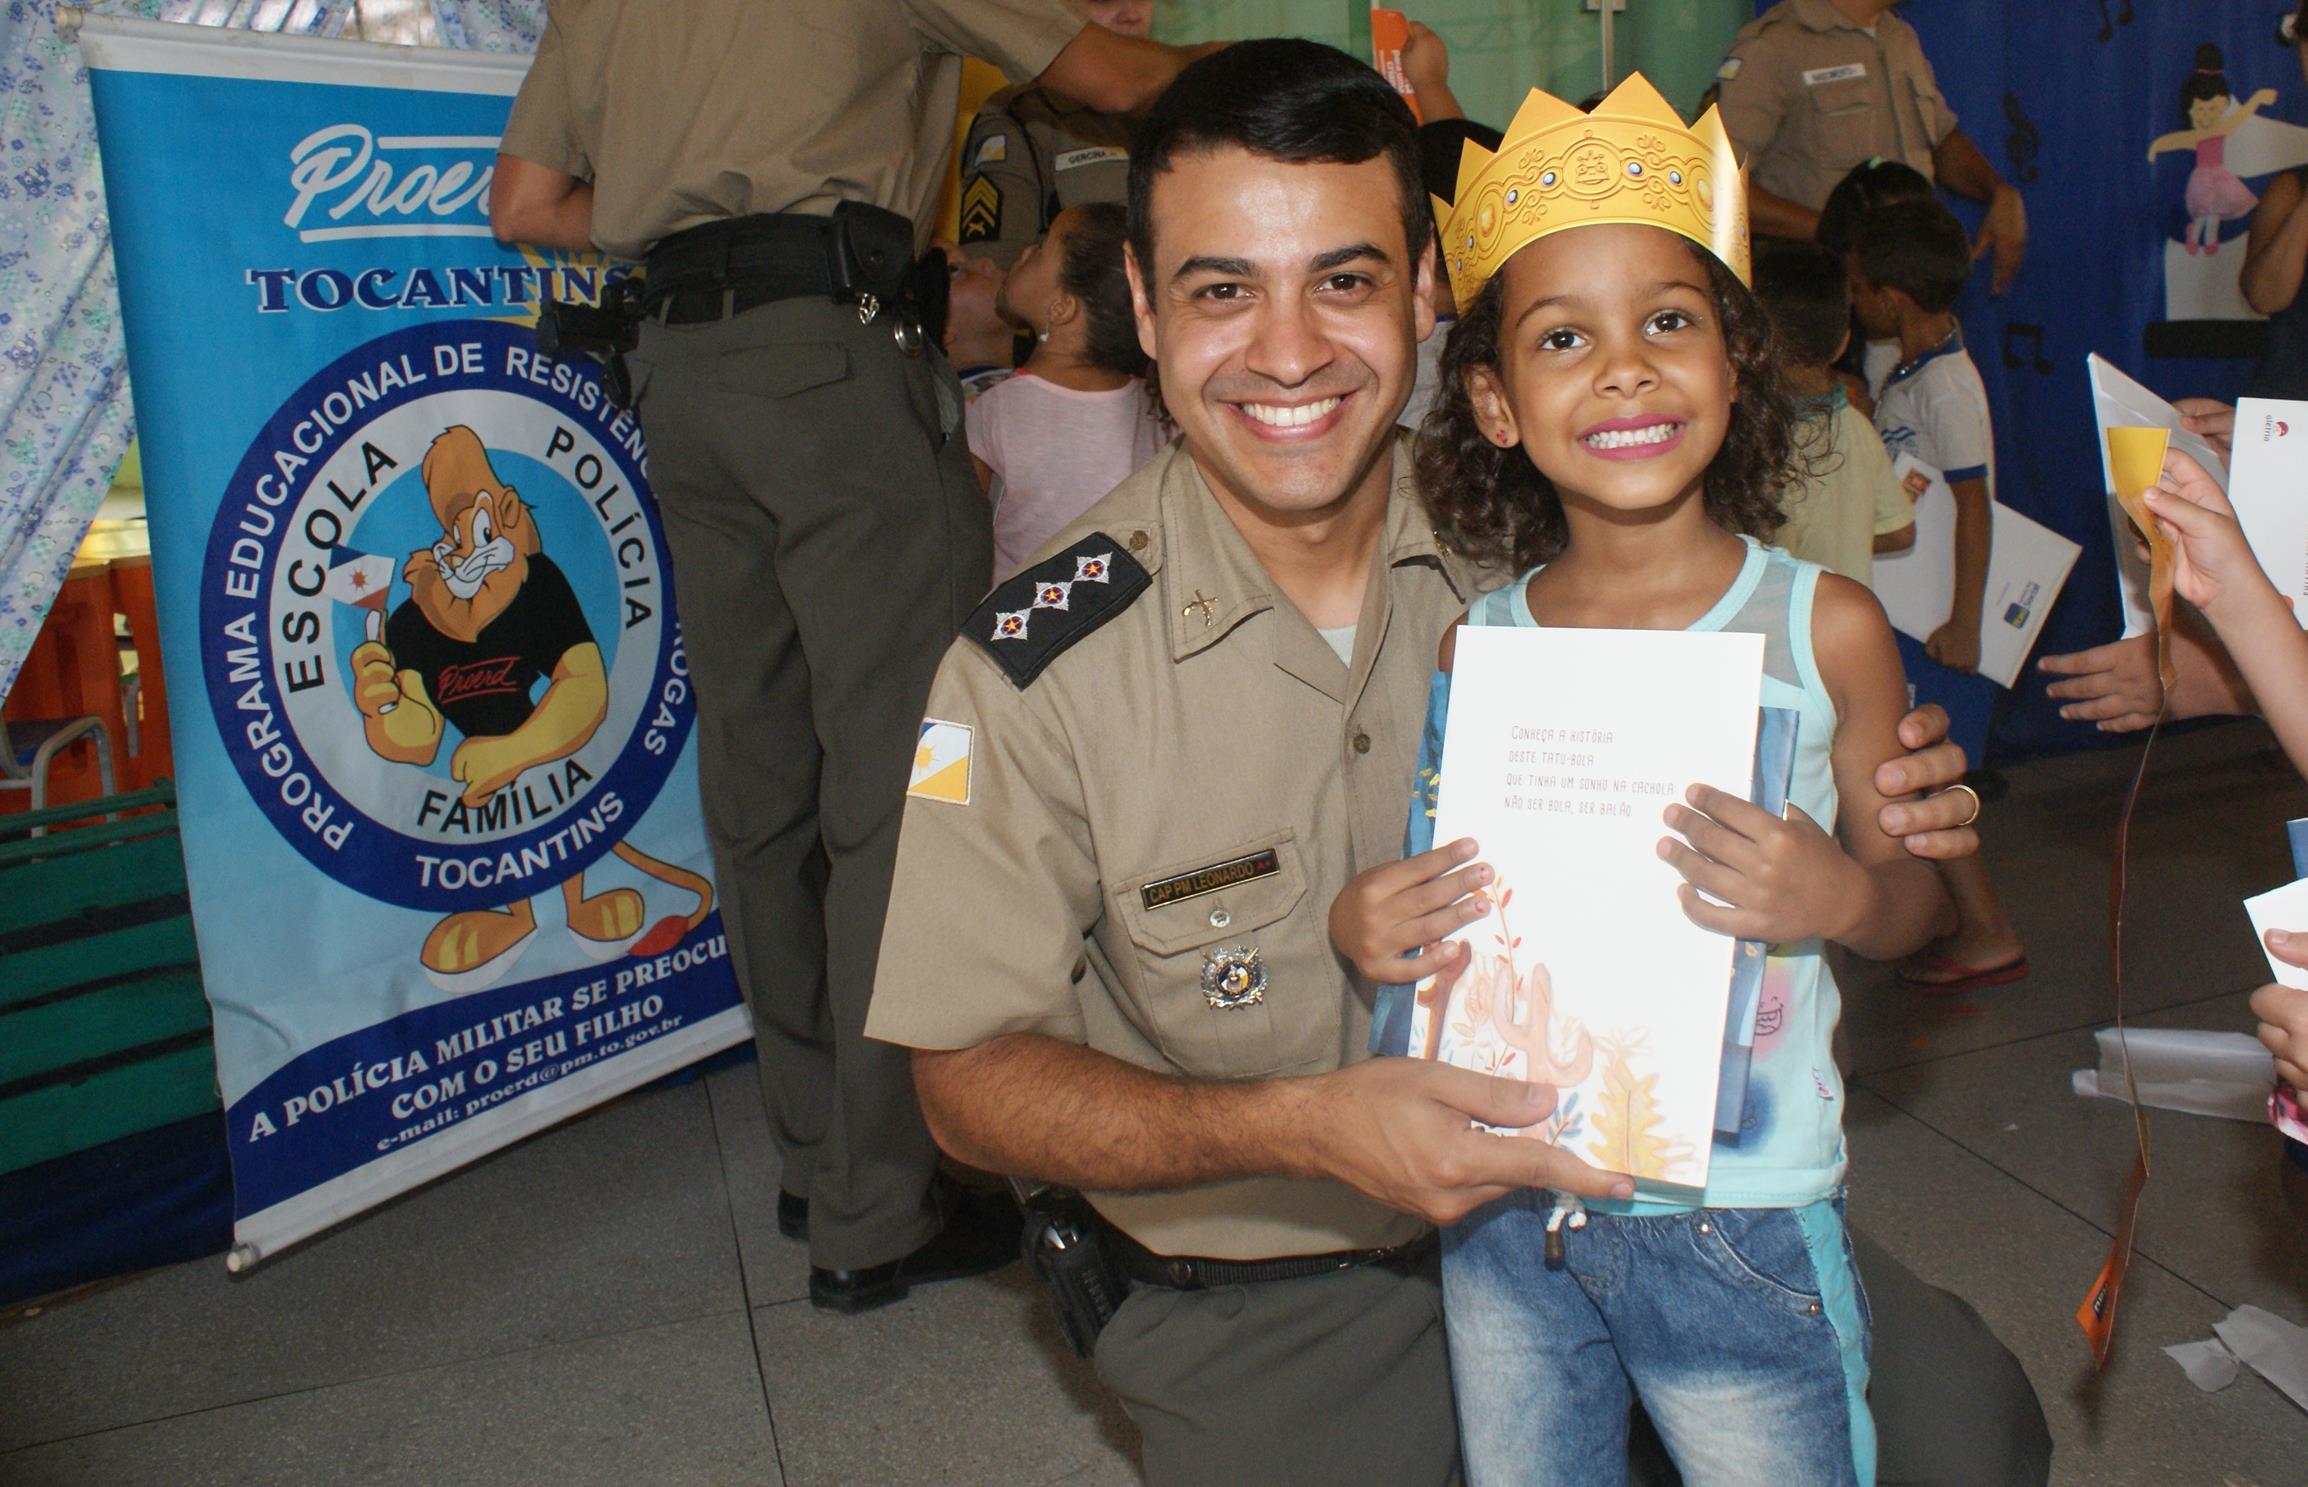 Fundação militar vai distribuir mais de 7 mil livros em escolas do Tocantins, incluindo em Guaraí